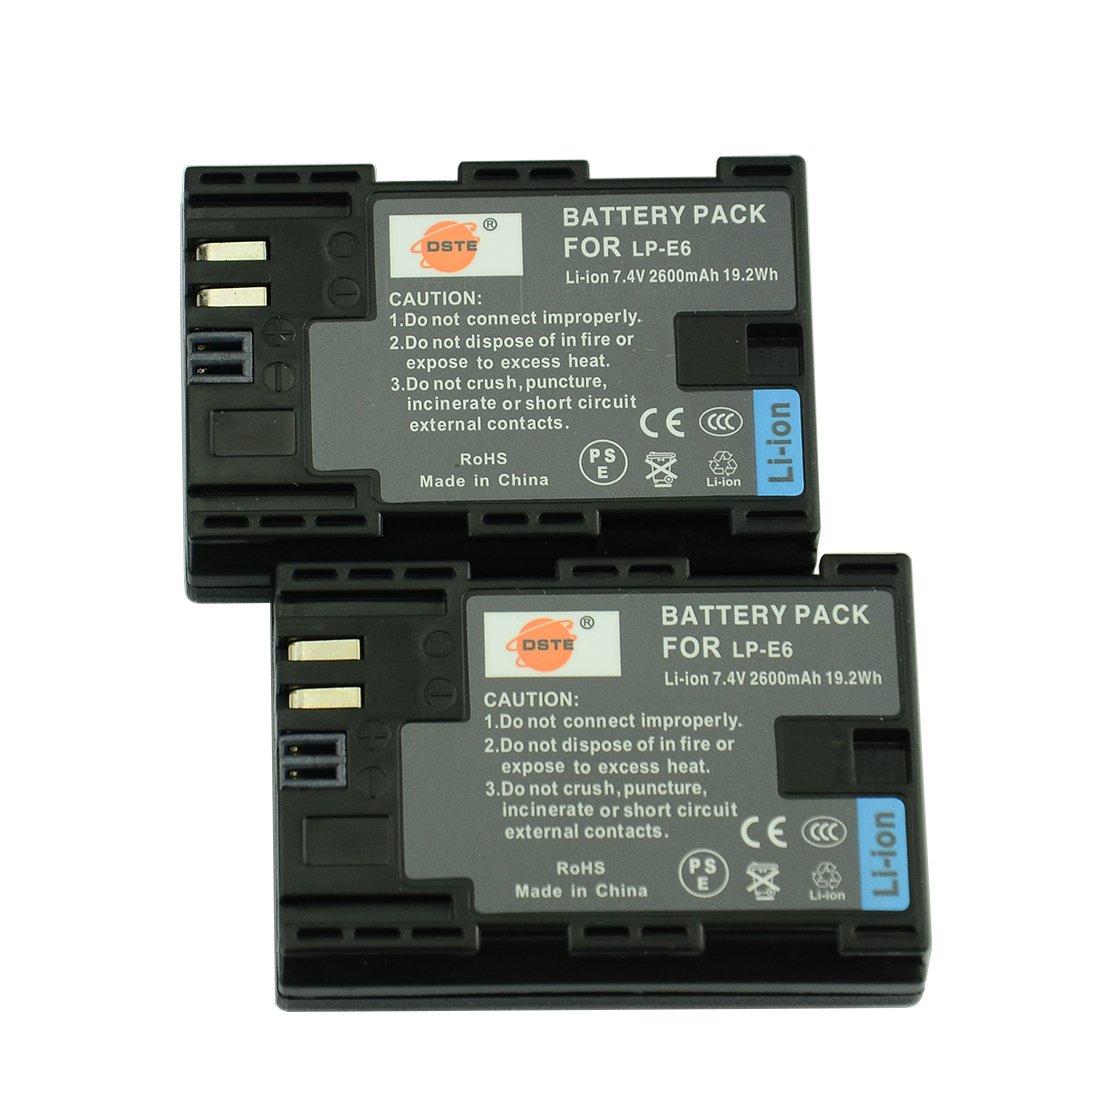 DSTE 2 x LP-E6 Batería de iones de litio de repuesto para Canon EOS 5d mark ii iii 5DS 5DS R 6d 7d 60d 60Da 70d 7d Mark II III (80d XC10